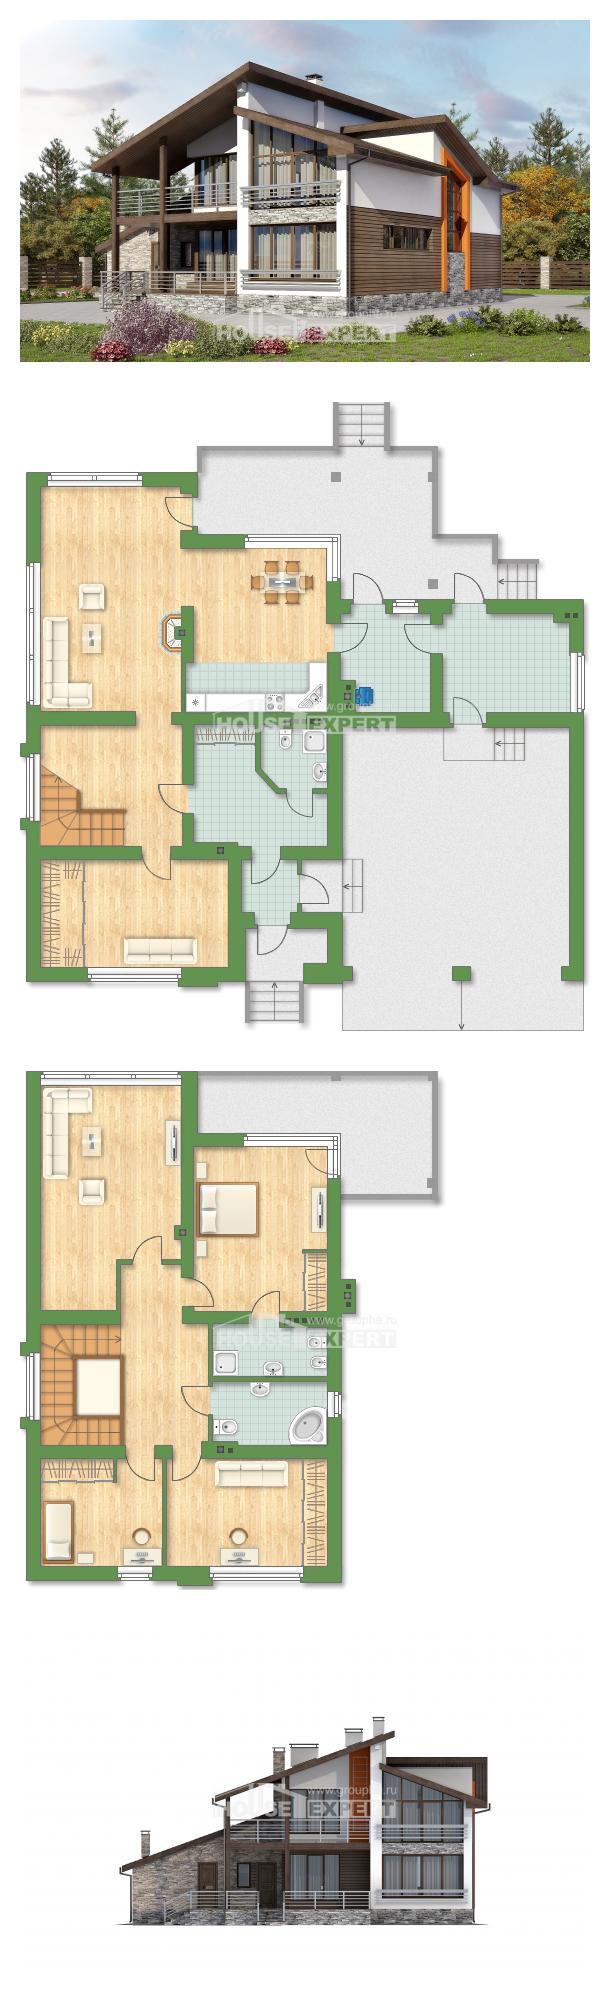 Plan 240-004-R | House Expert